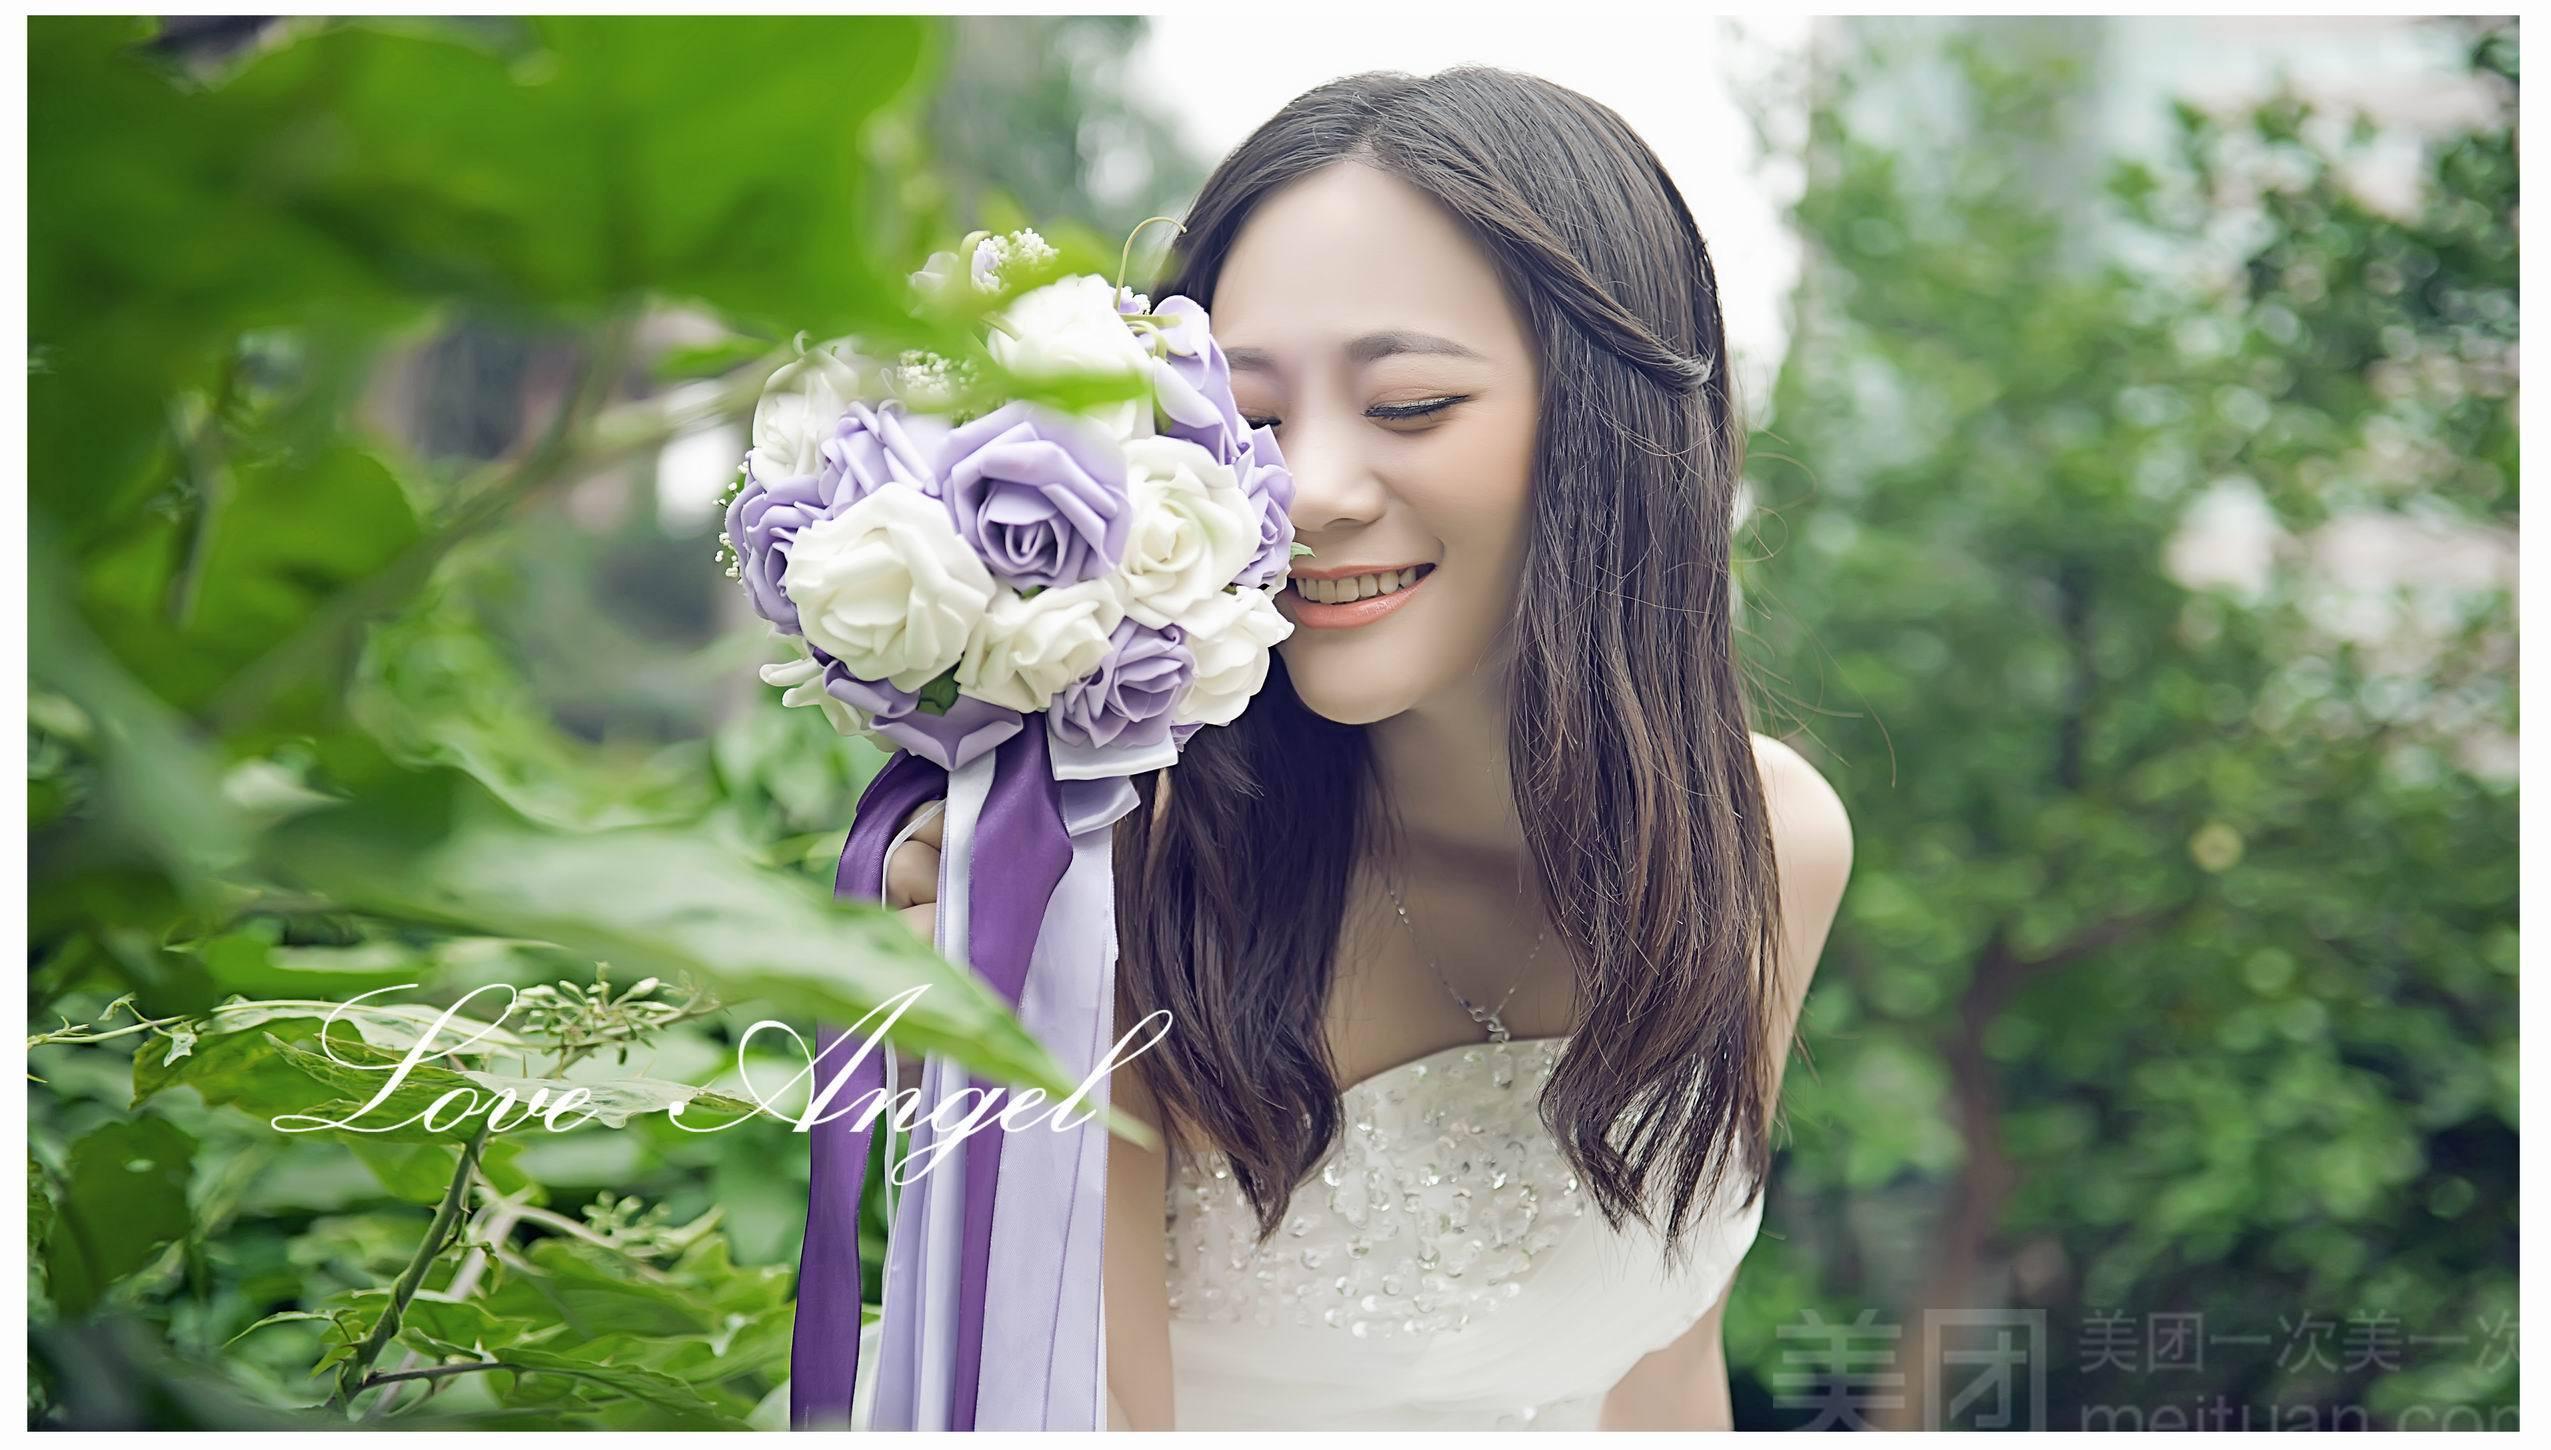 钟爱一生婚纱摄影-美团